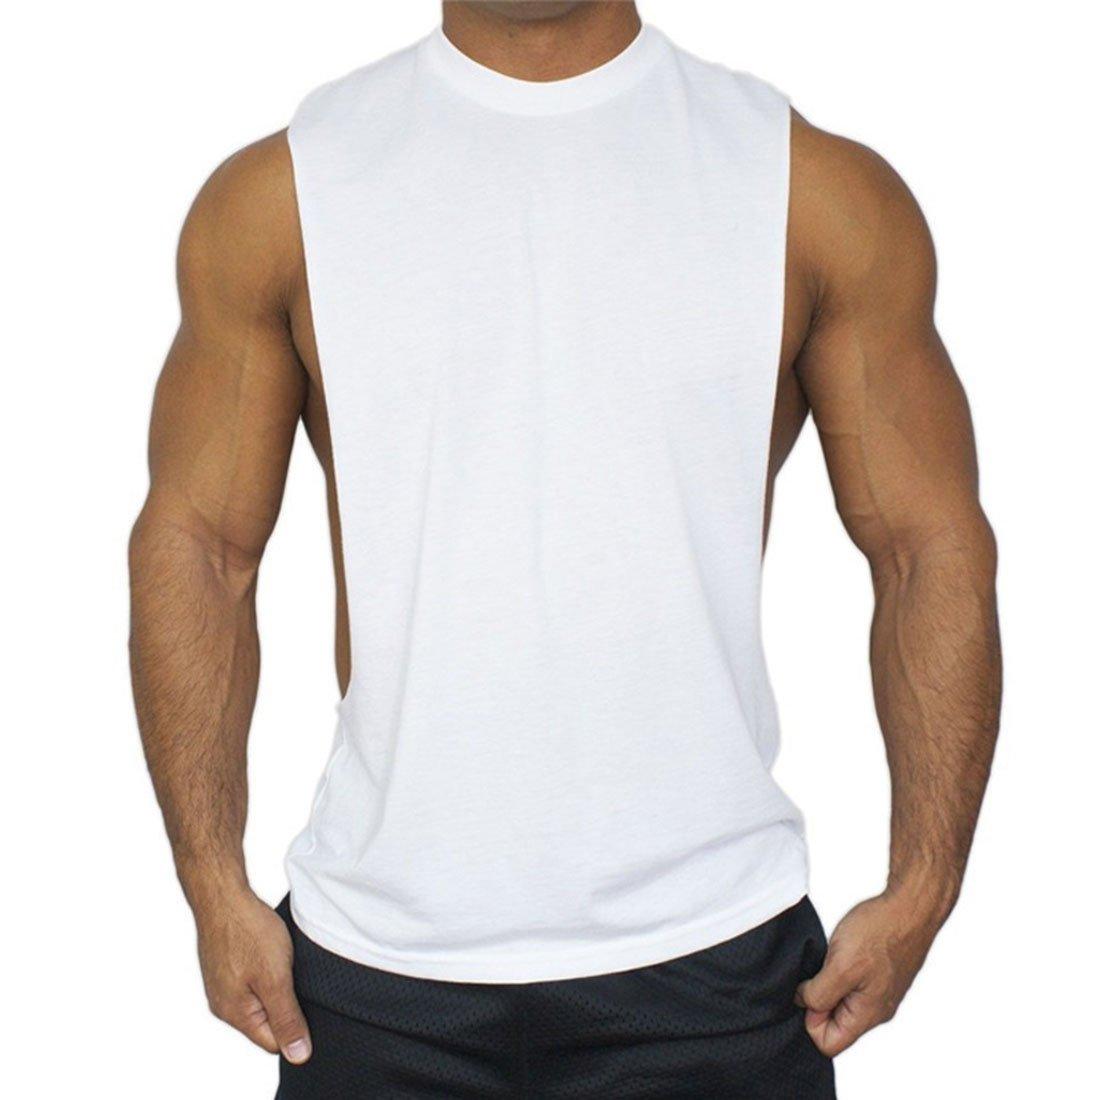 Boomly Uomo Colore Puro Sportivo Senza Maniche Canotte Spalla Bordo aperto Casual Cotone T-Shirt per Fitness